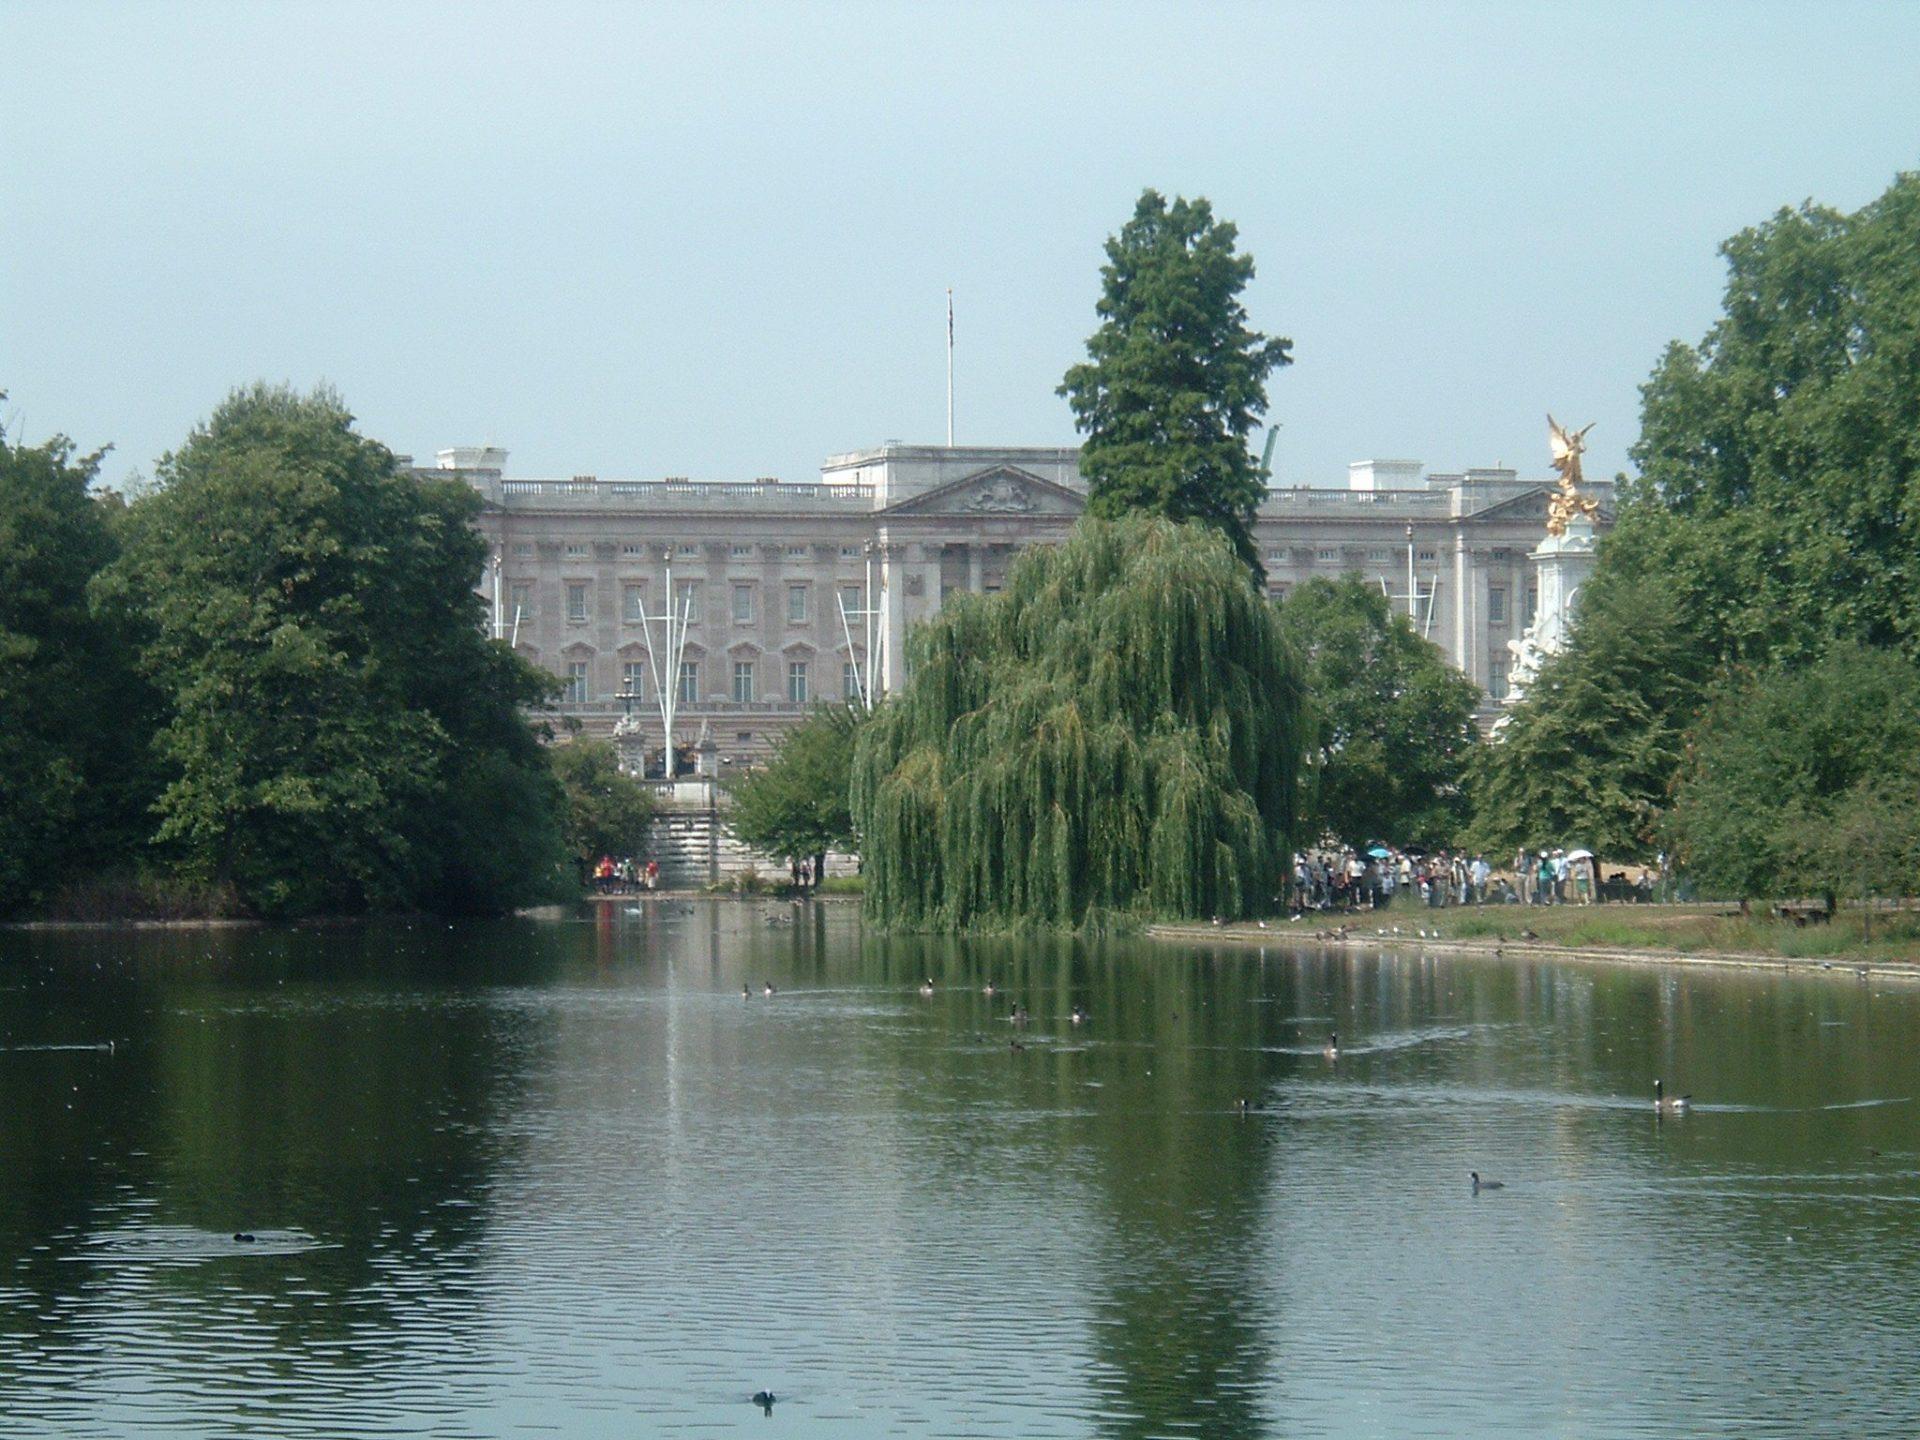 Букингемский дворец, Лондон, Великобритания. Июль, 2006